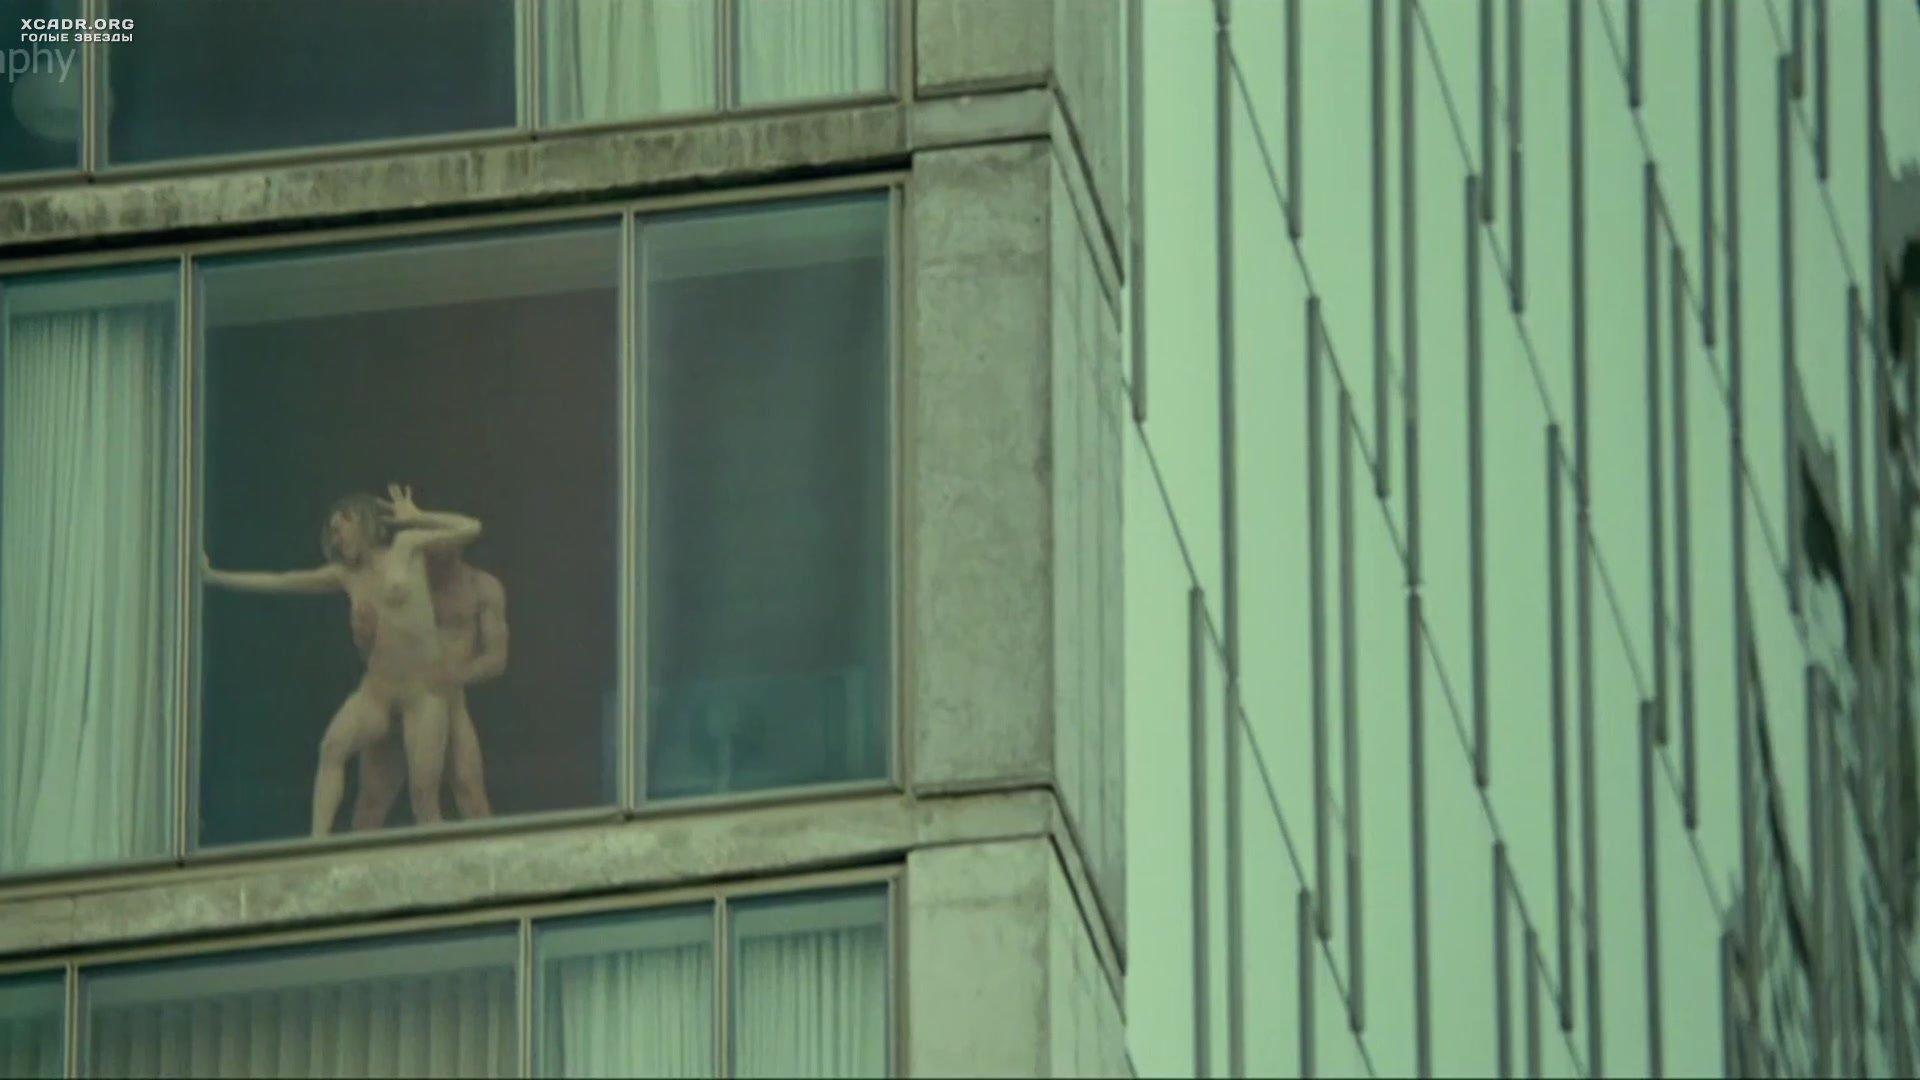 смотря дерганье, поглядели секс в окно негритянки сексуальные обнаженные